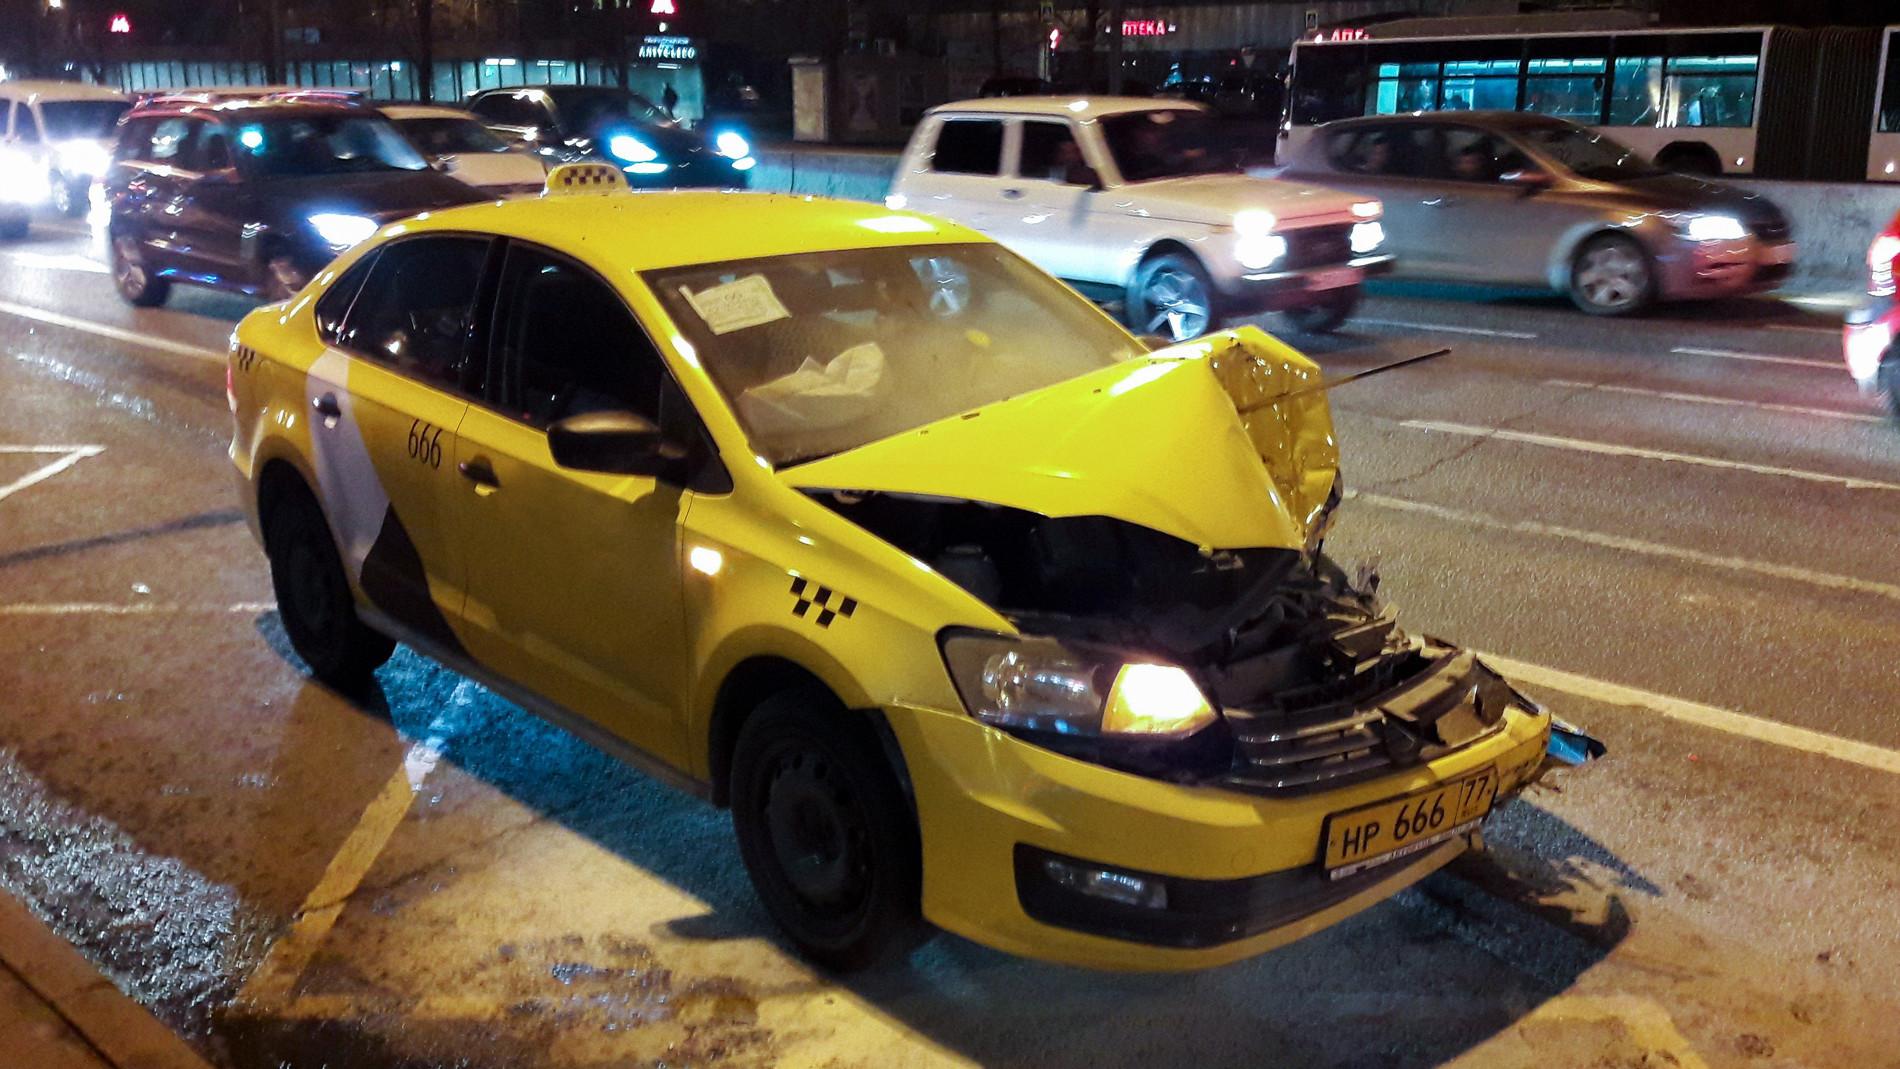 фото разбитых машин таксистов своим другом, обезьянкой